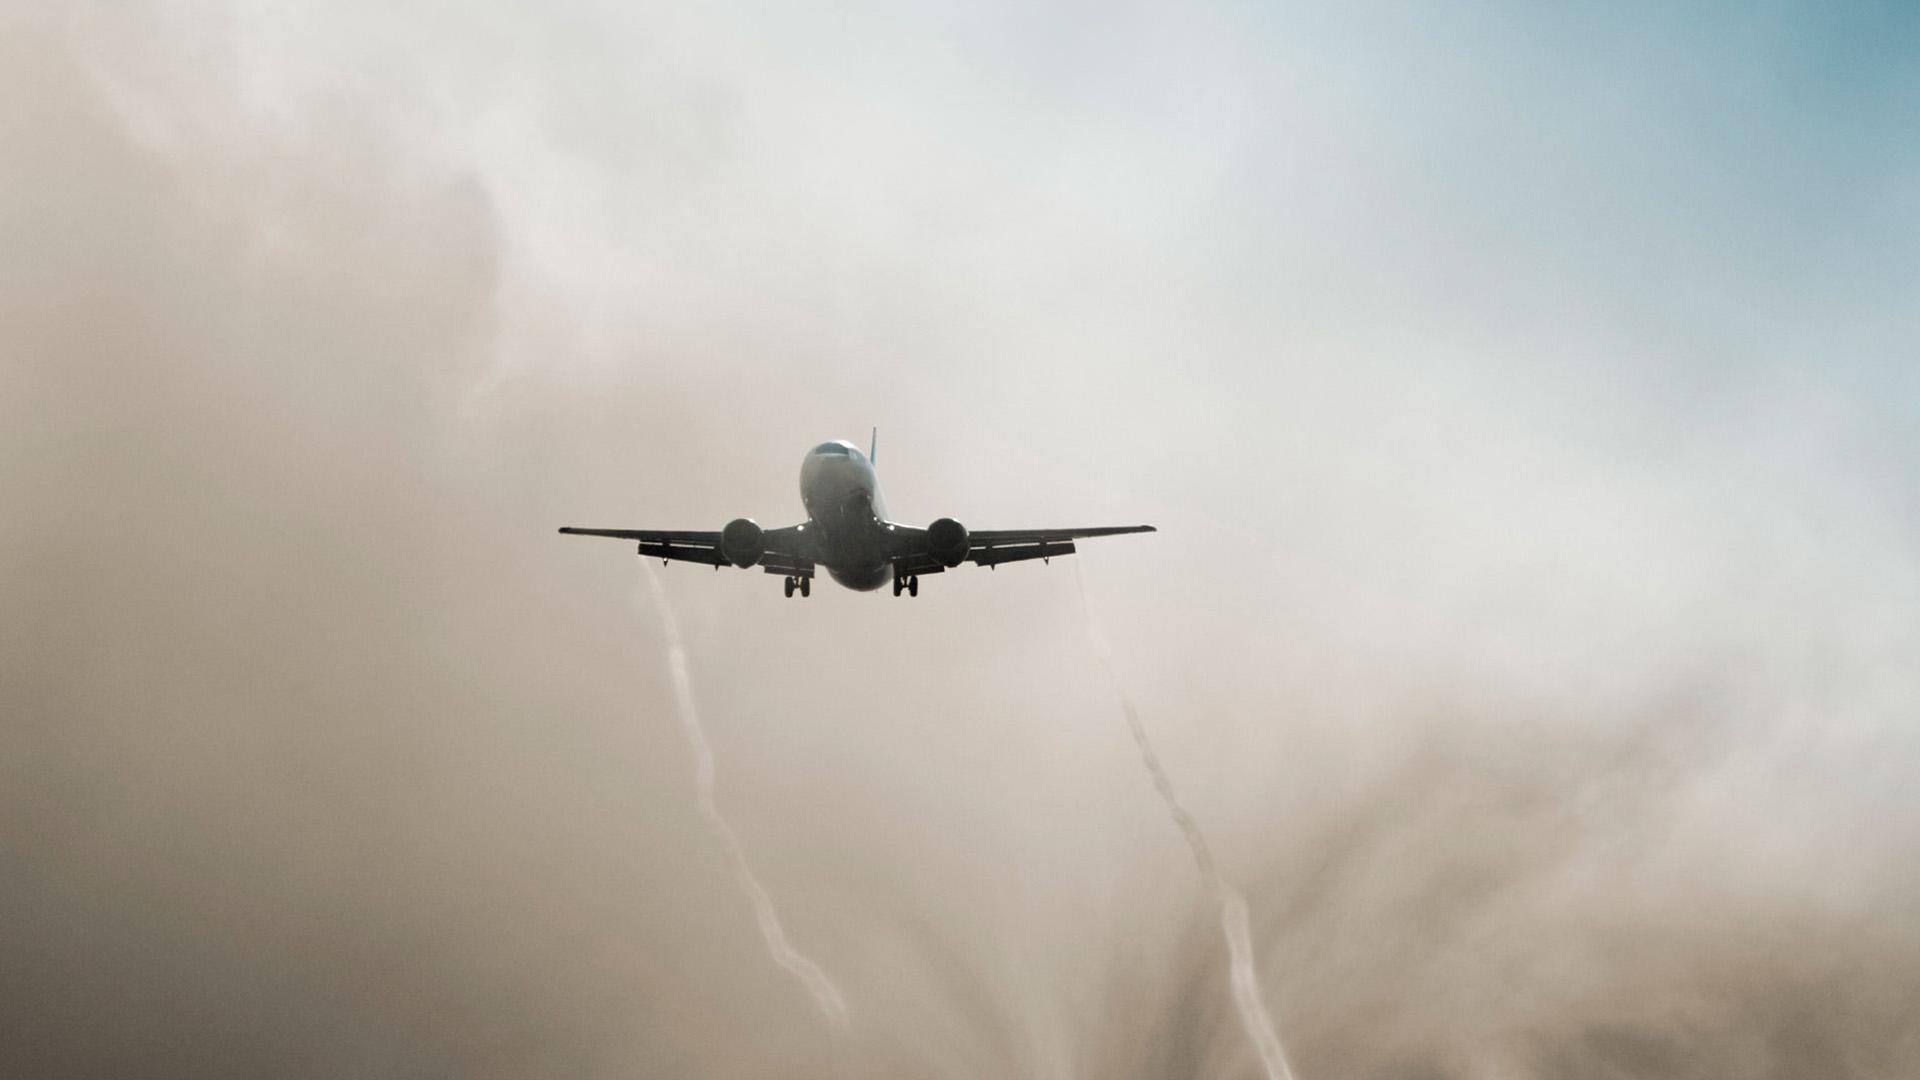 Los cambios de temperatura en la atmósfera hace que los vuelos se vean cada vez más afectados